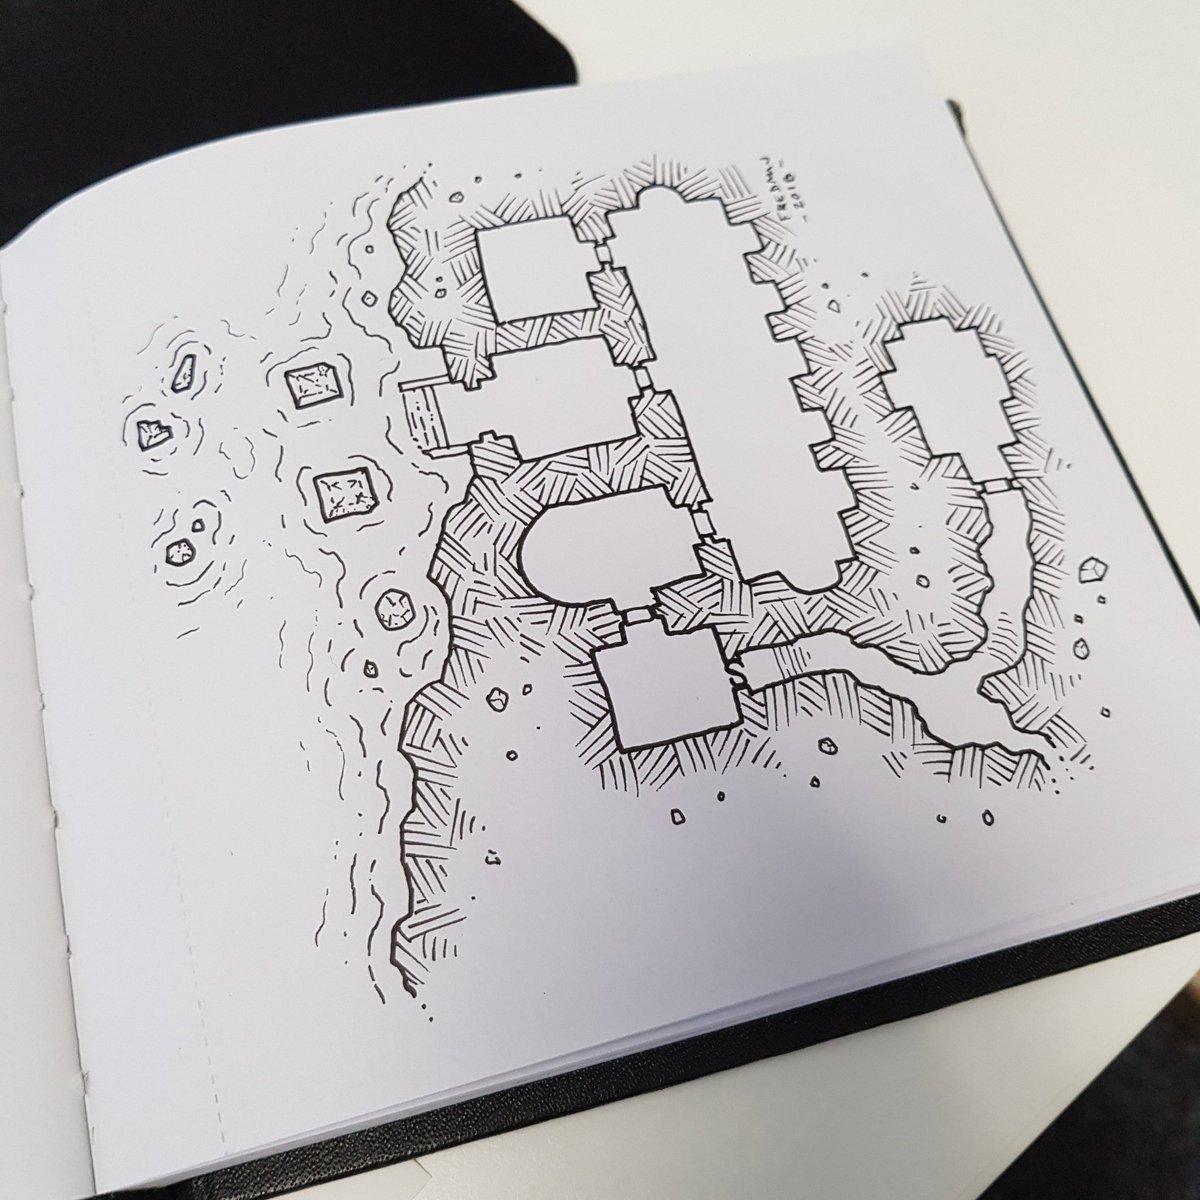 Miska Fredman / Miska's Maps on Twitter: